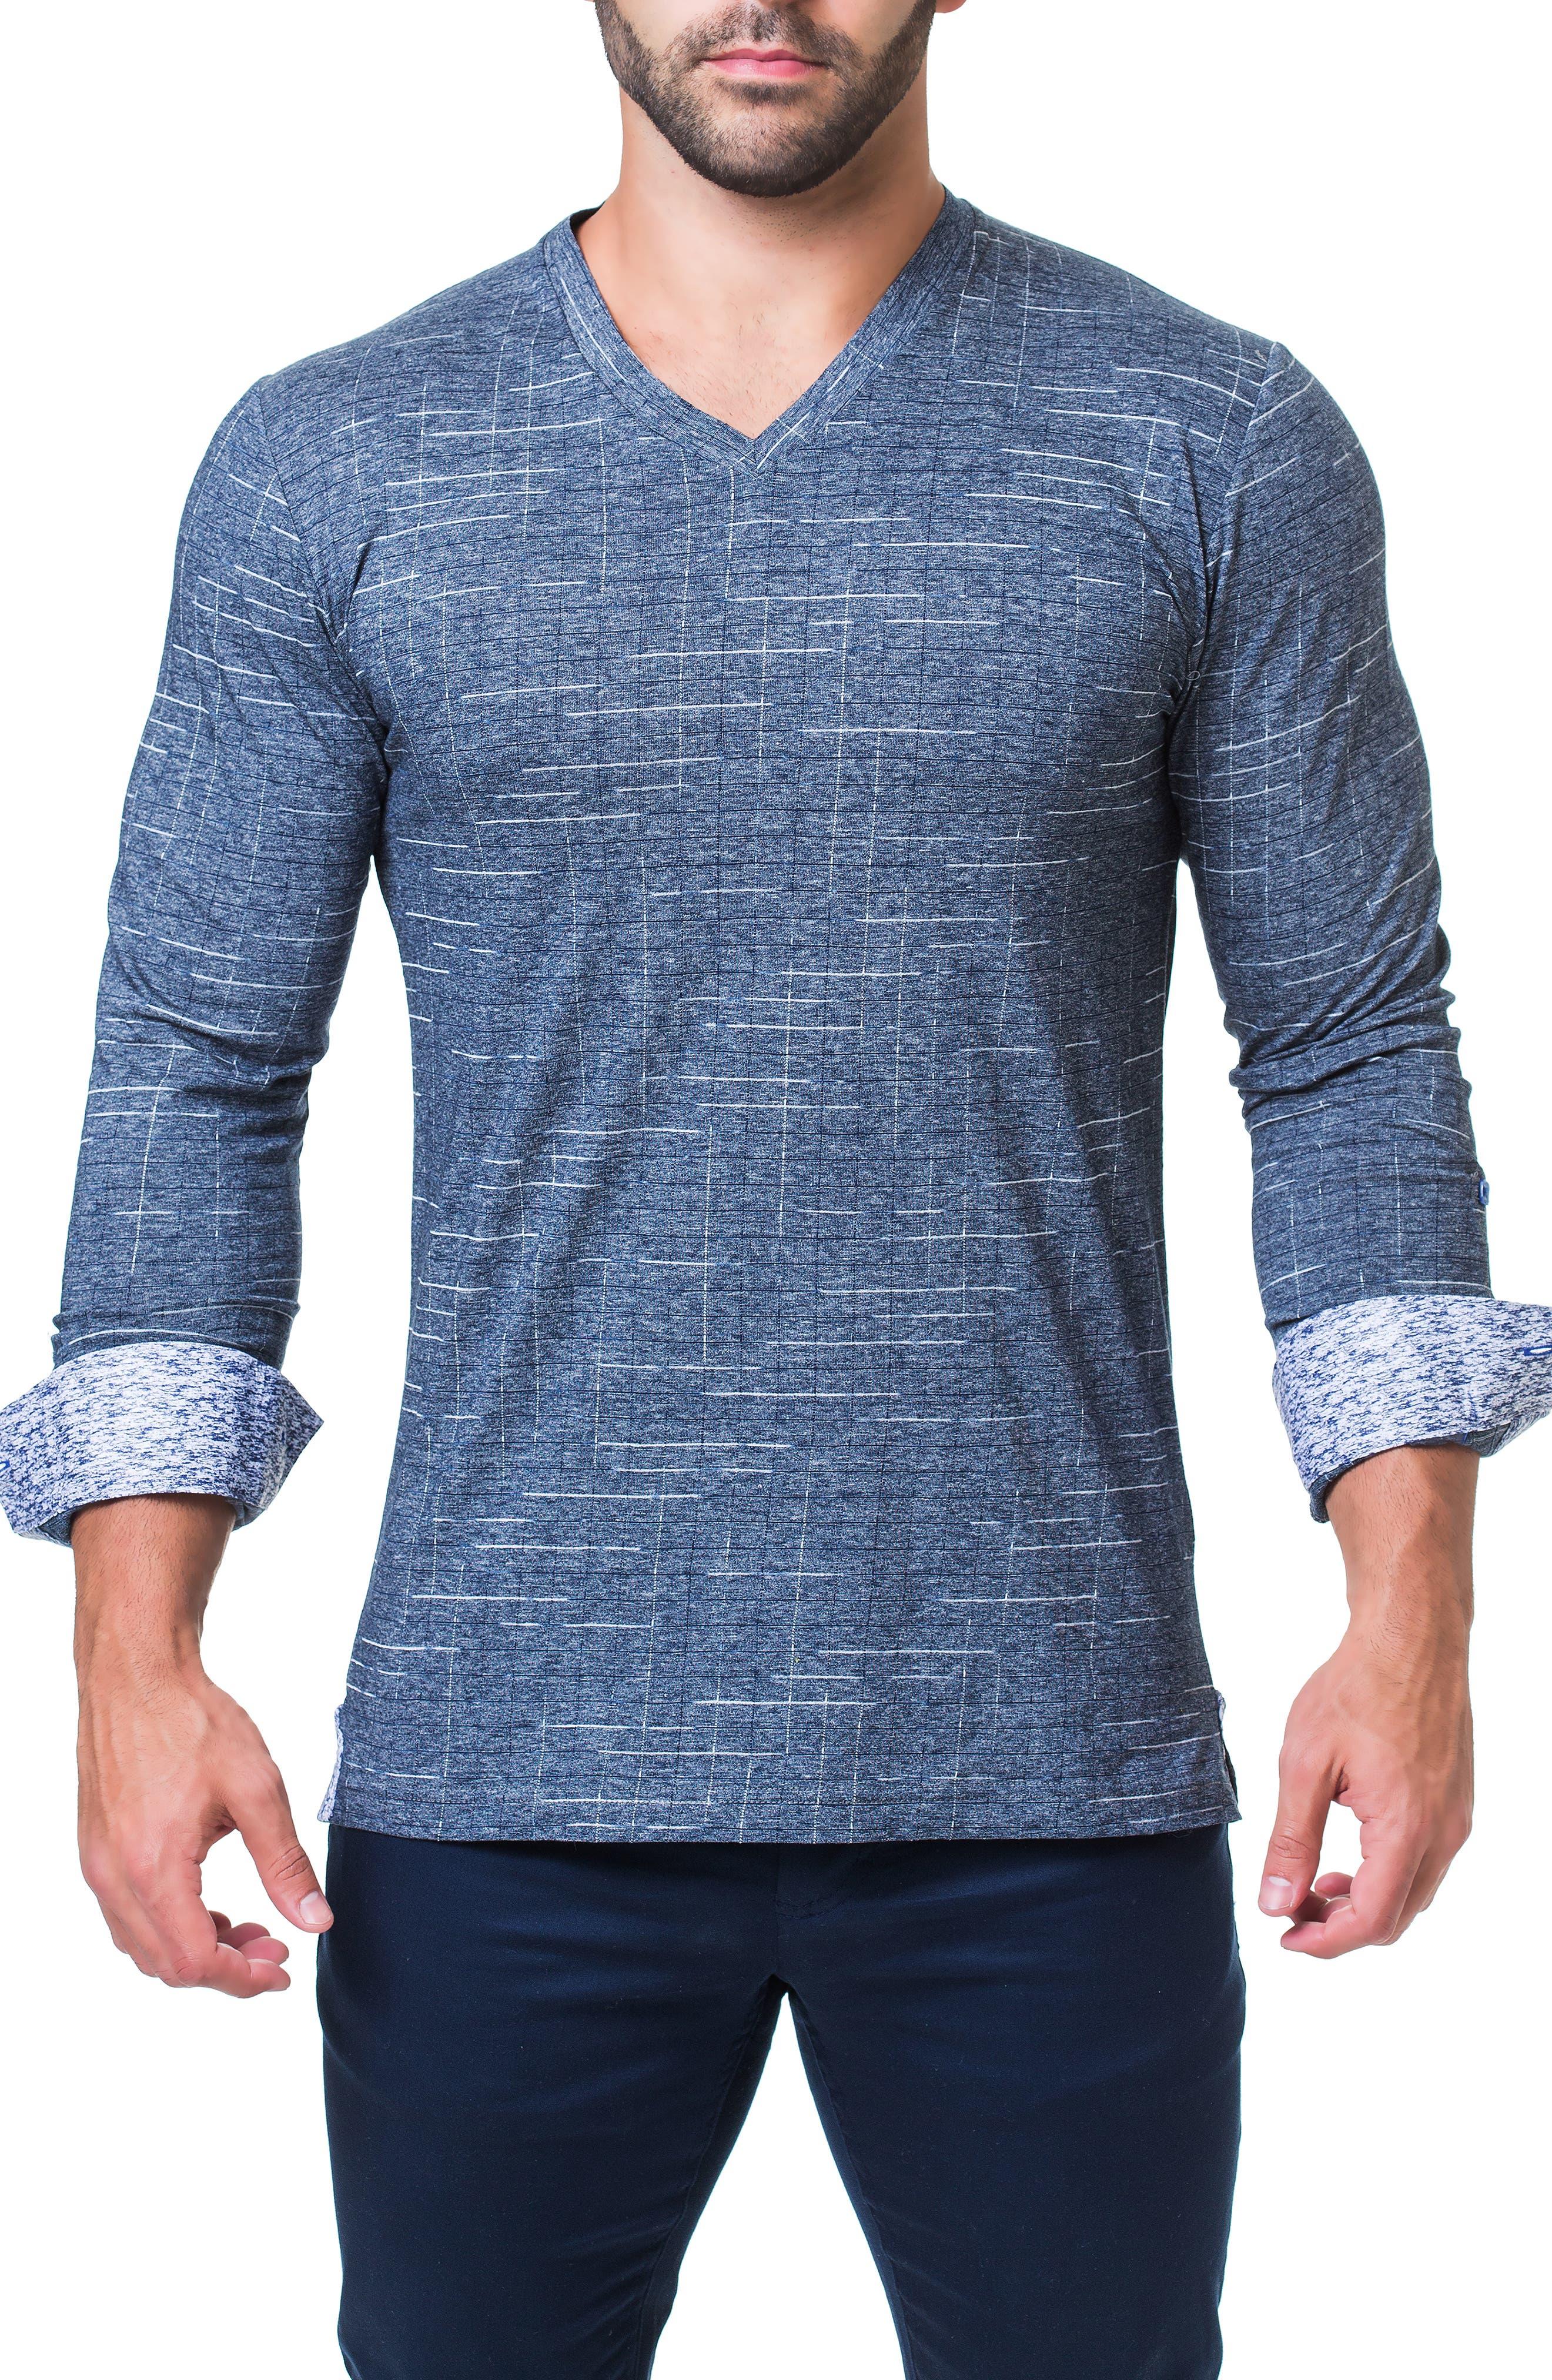 Edison Trim Fit Check T-Shirt,                             Alternate thumbnail 4, color,                             BLUE